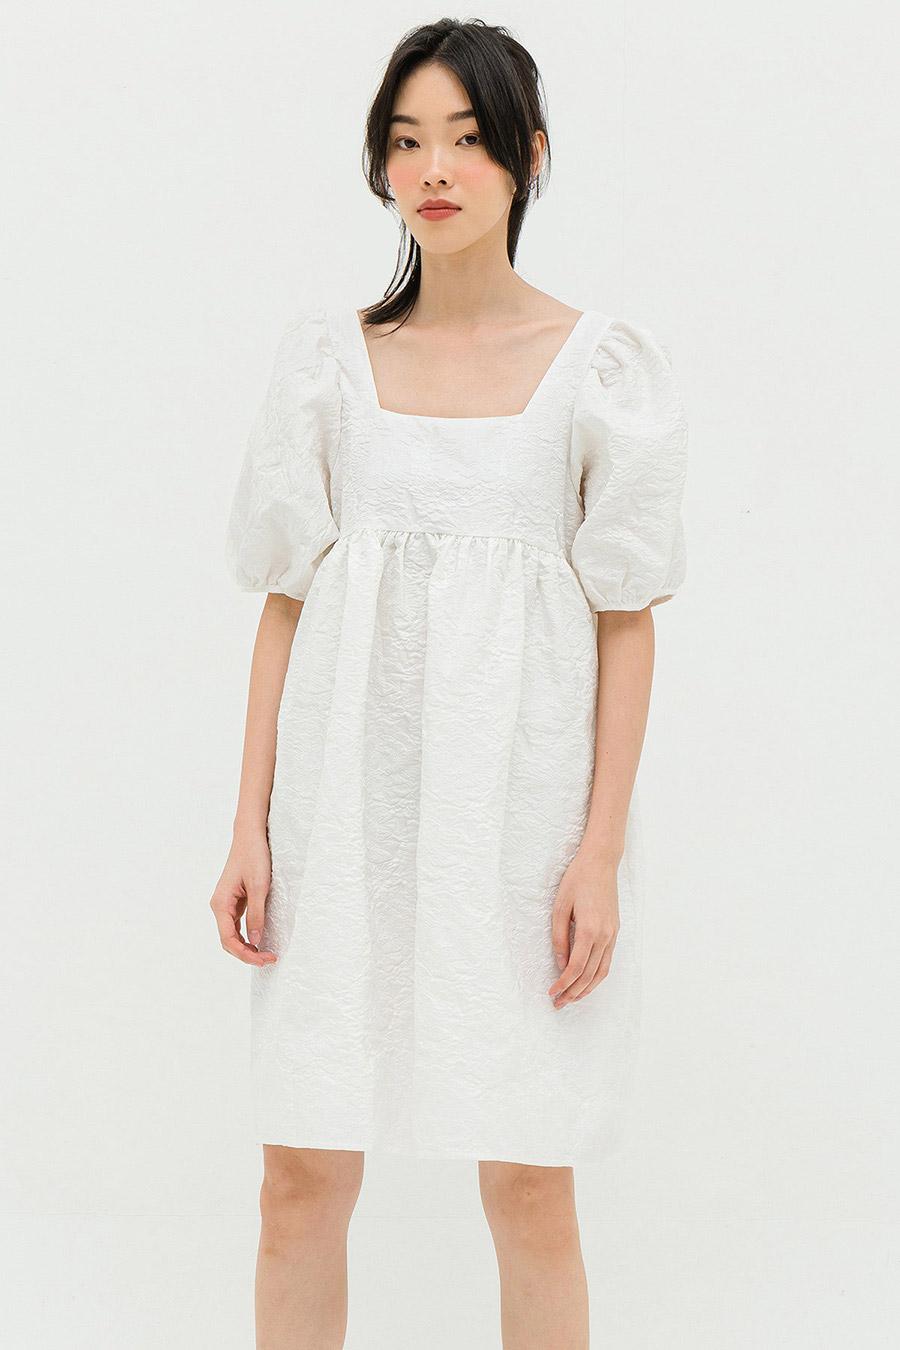 *BO* DELAFROSE DRESS - IVORY